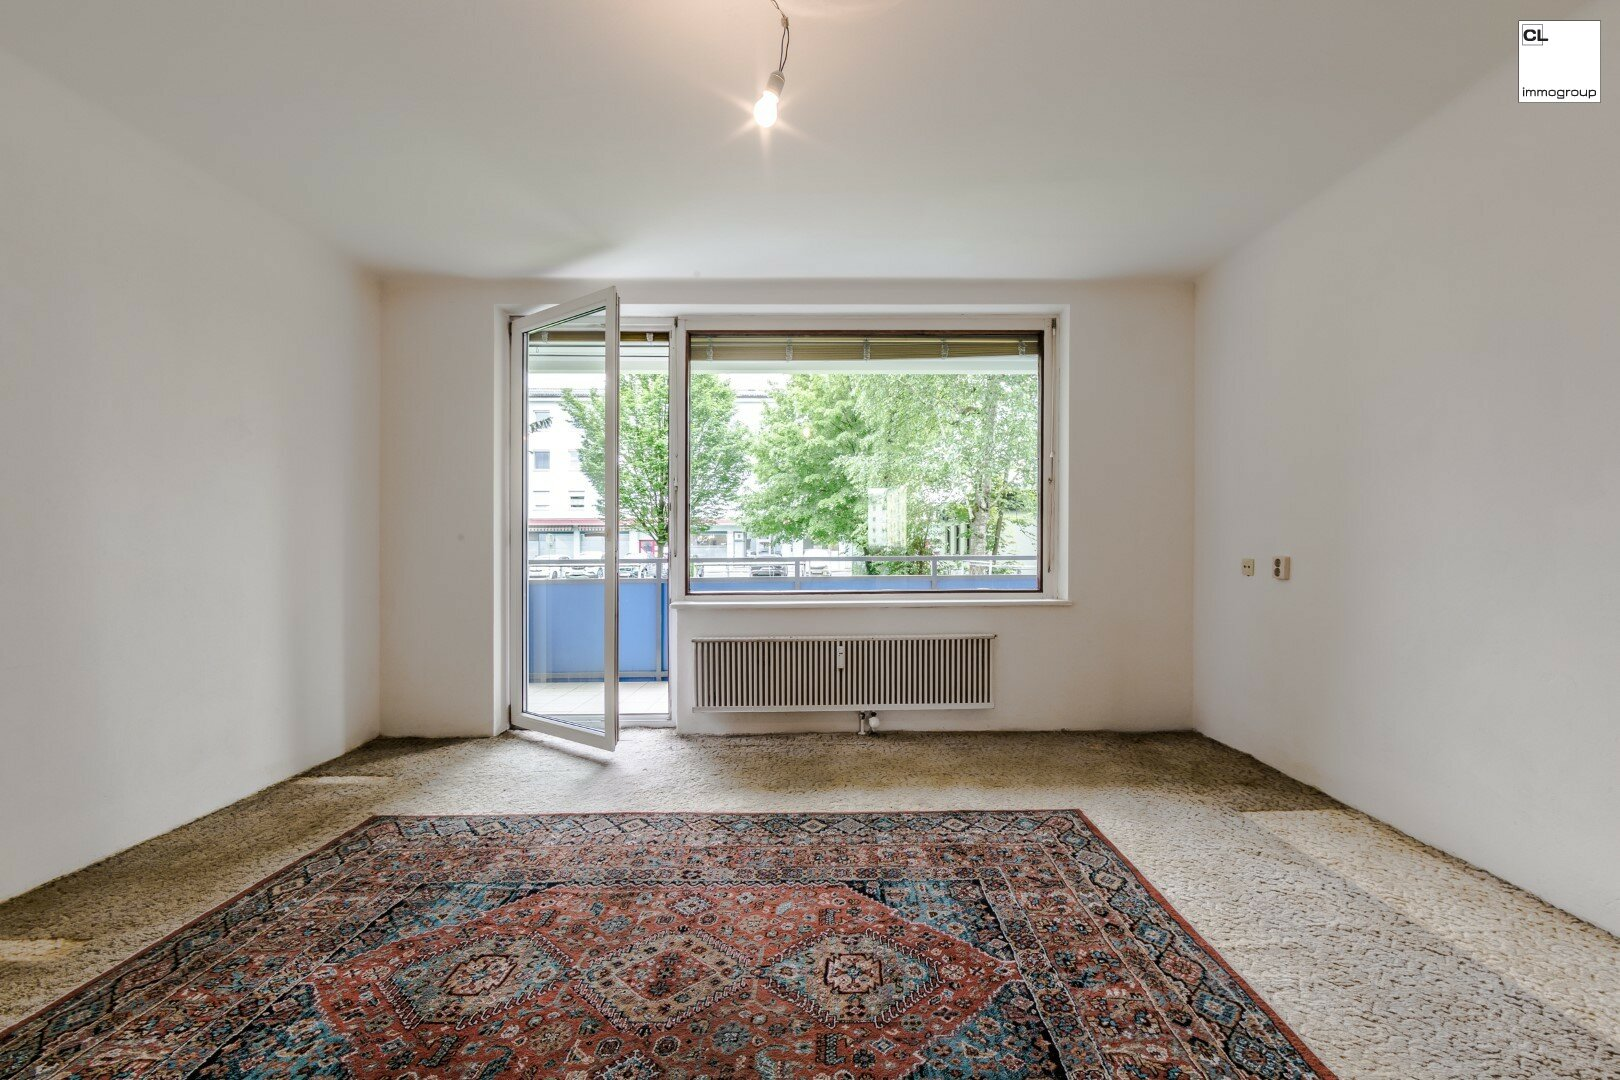 Großes Wohnzimmer mit Ausgang auf den vergrößerten Balkon von ruhigen 3-Zimmer-Wohnung in Salzburg zu kaufen www.cl-immogroup.at